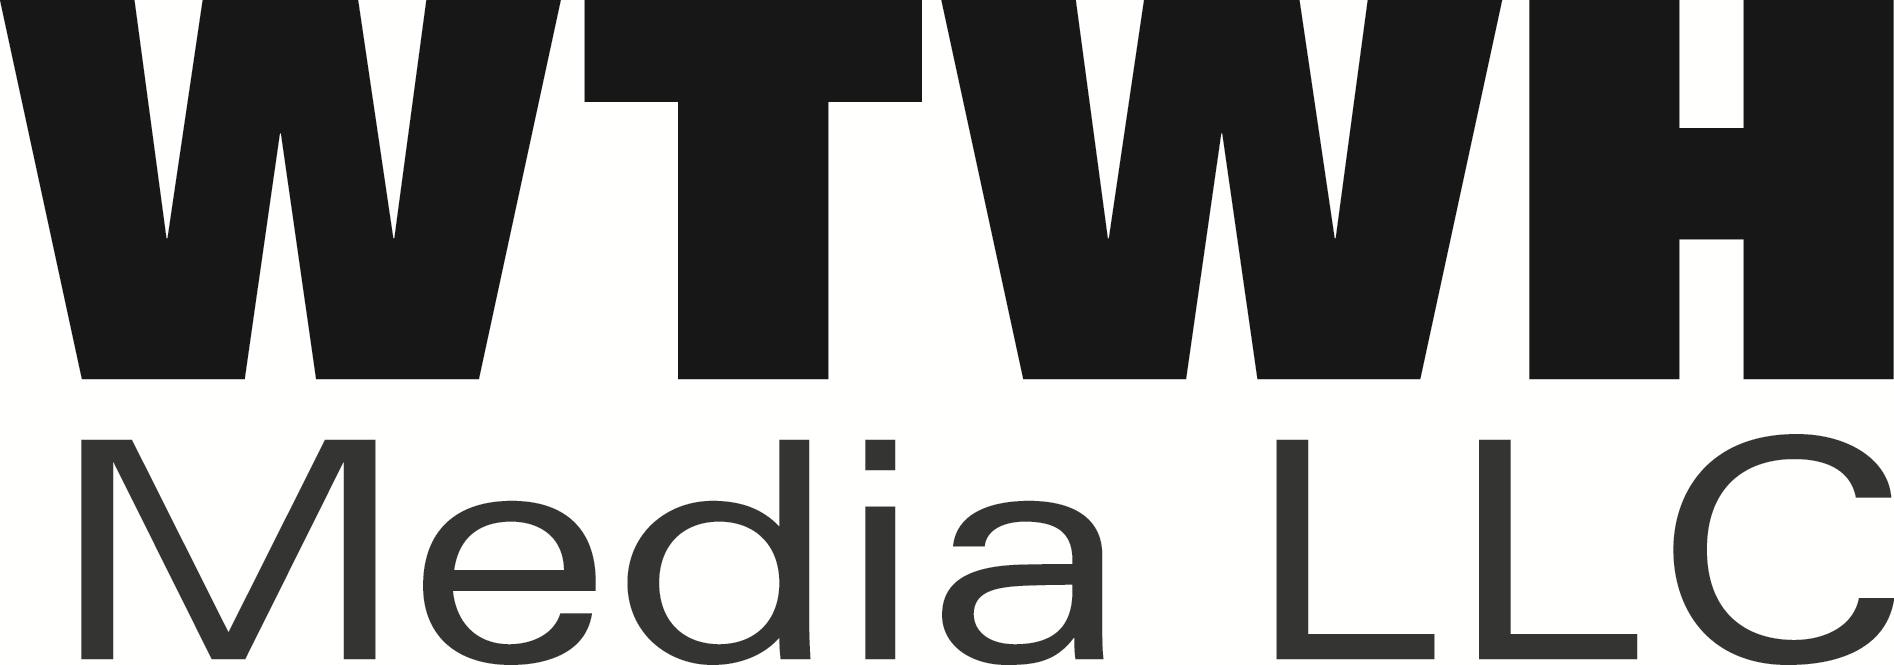 WTWH Media LLC logo